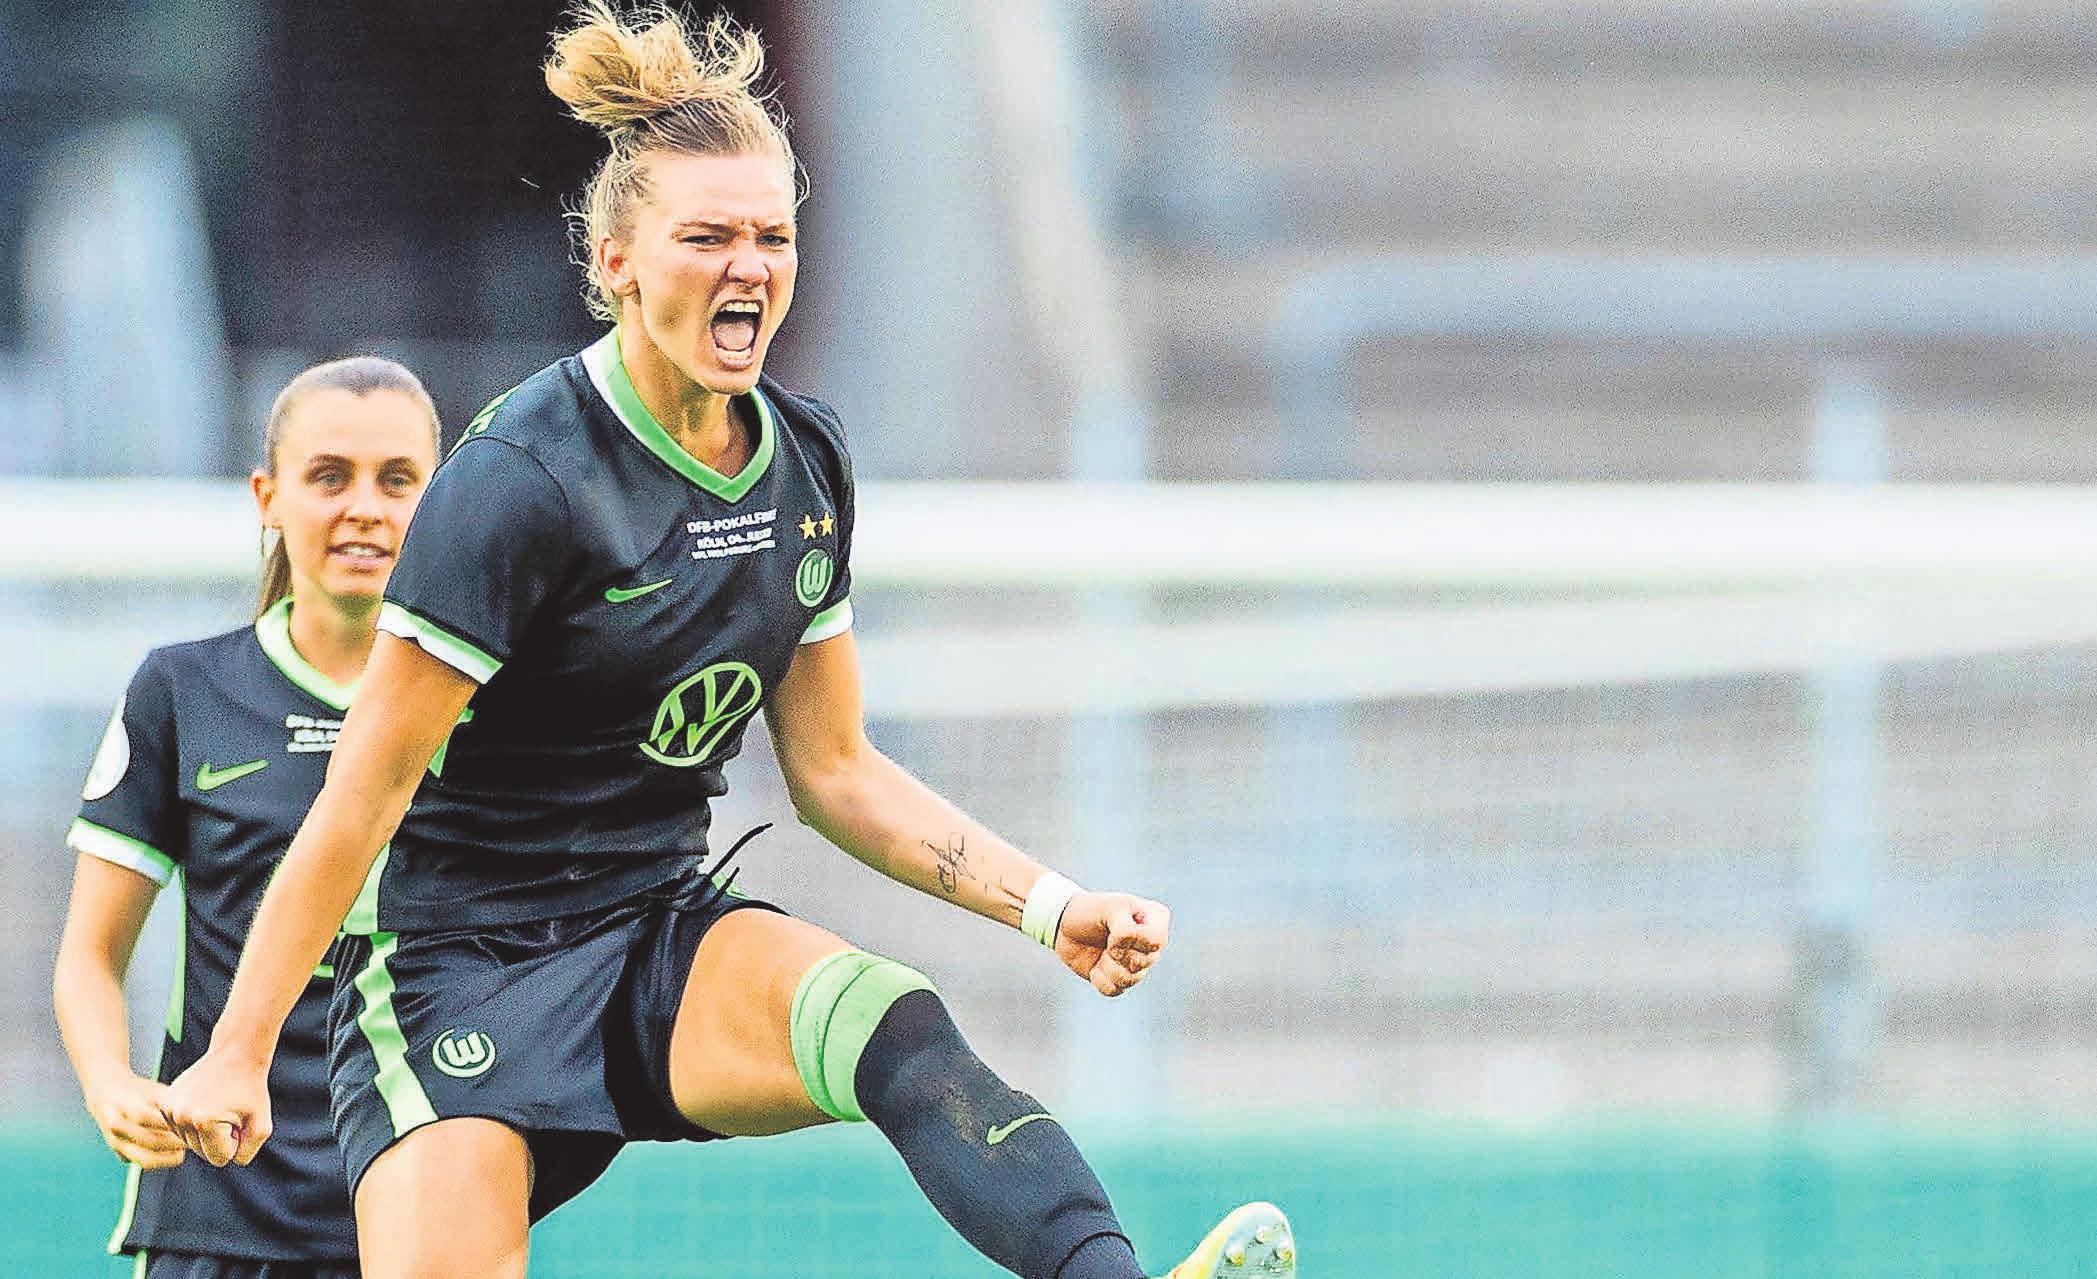 Sie wäre fast zur tragischen Figur geworden: Als einzige VfL-Spielerin scheiterte die erfahrene Alexandra Popp im DFB-Pokalfinale im Elfmeterschießen gegen die SGS Essen.